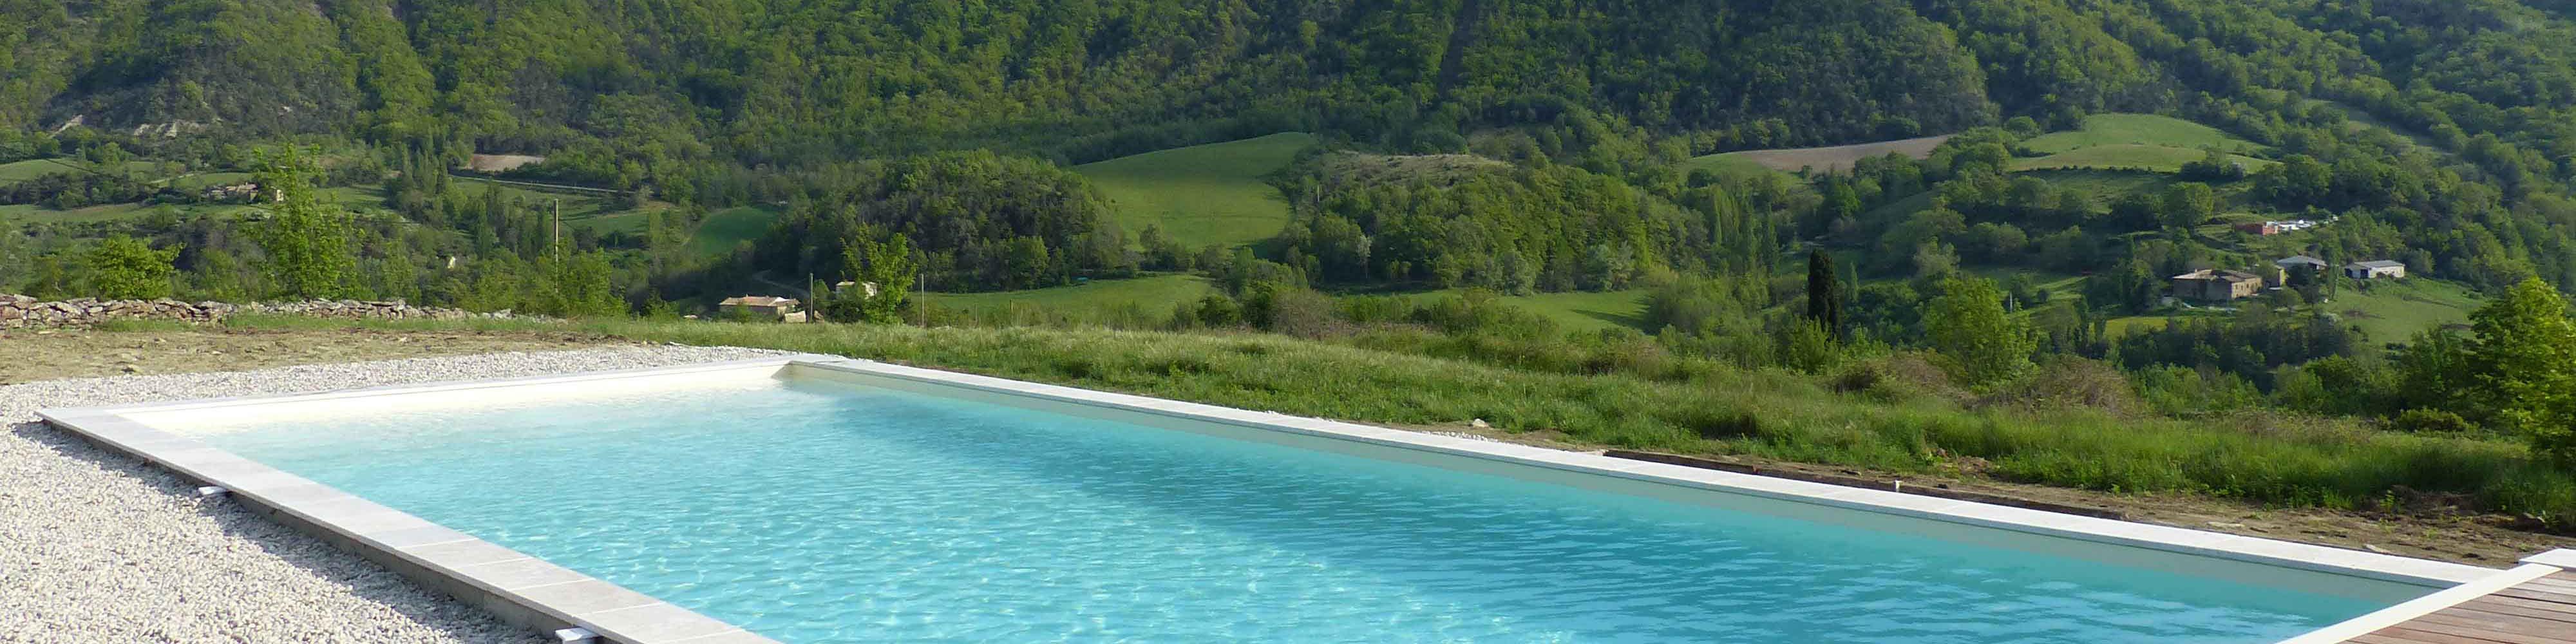 amiradou-piscine-extérieure-chauffée